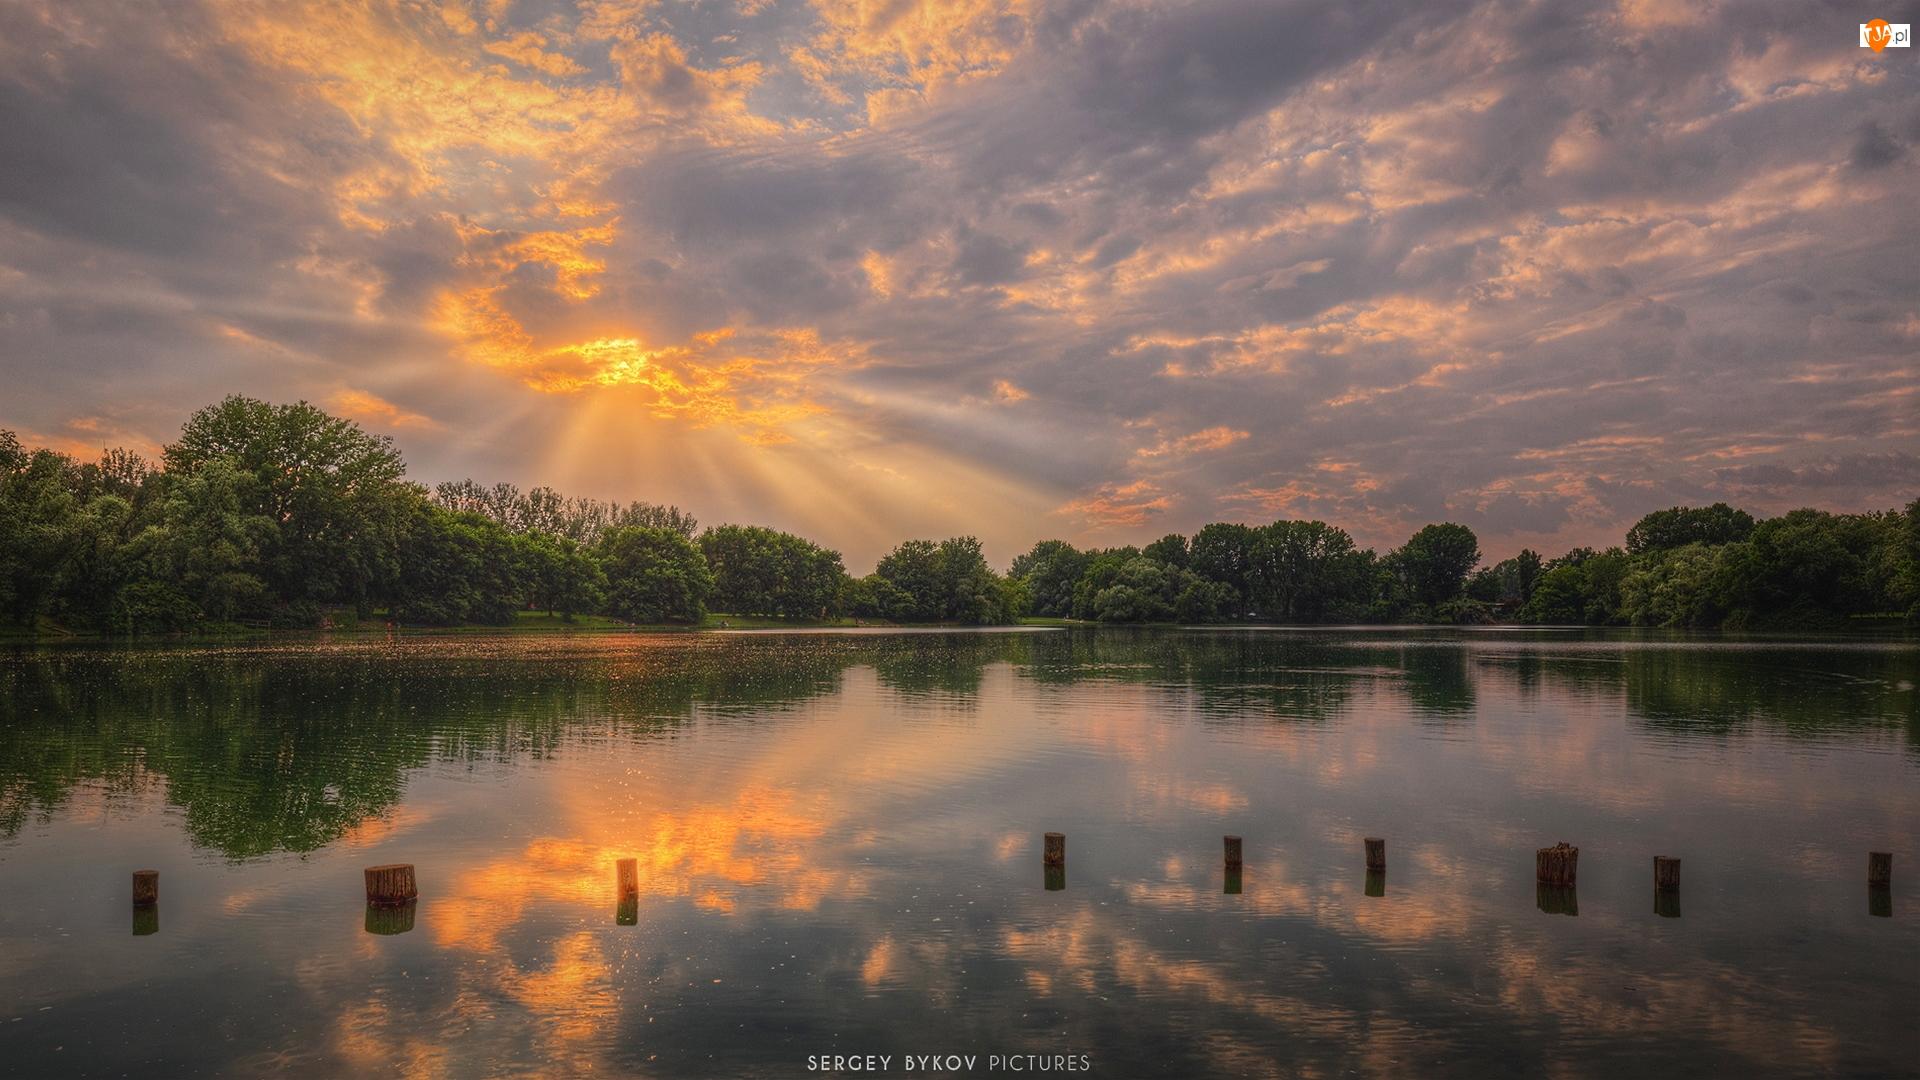 Wschód słońca, Jezioro, Kołki, Drzewa